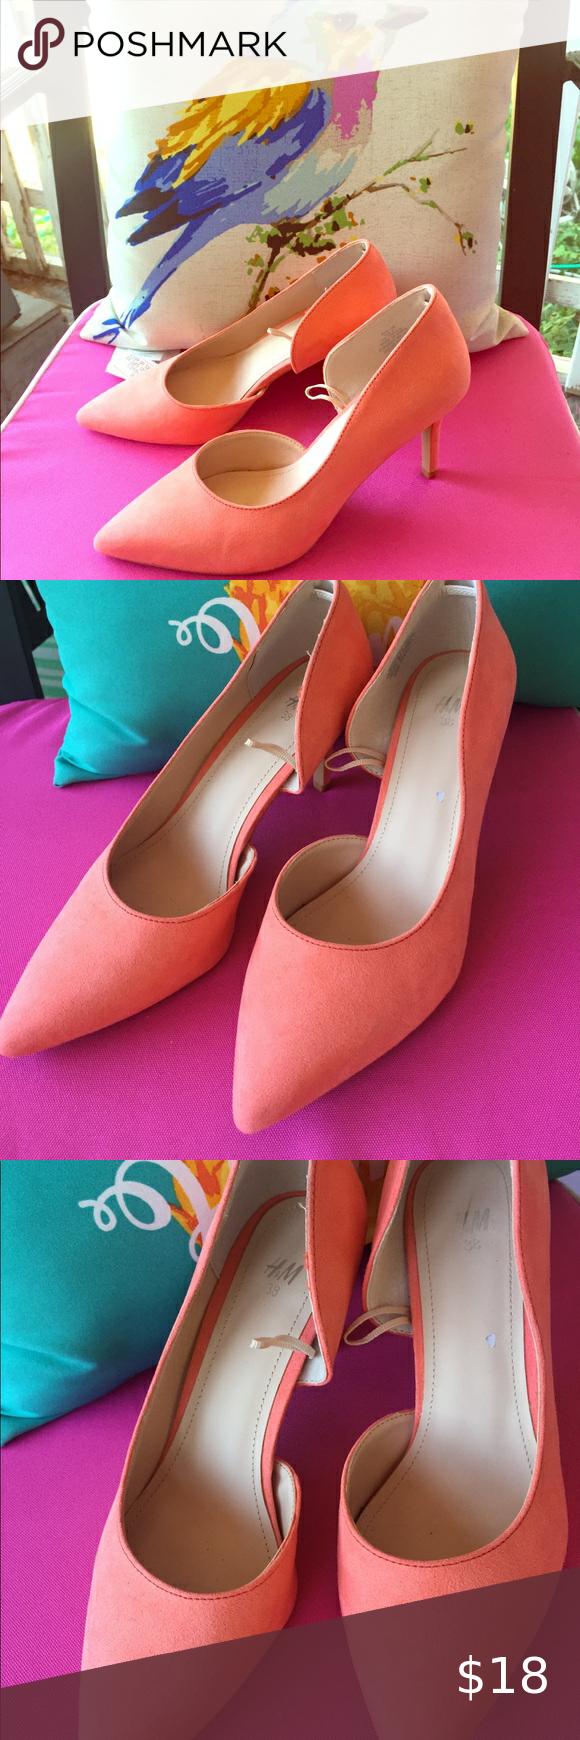 Donating Soon H M Coral Pumps Heels In 2020 Pumps Heels Heels Shoes Women Heels